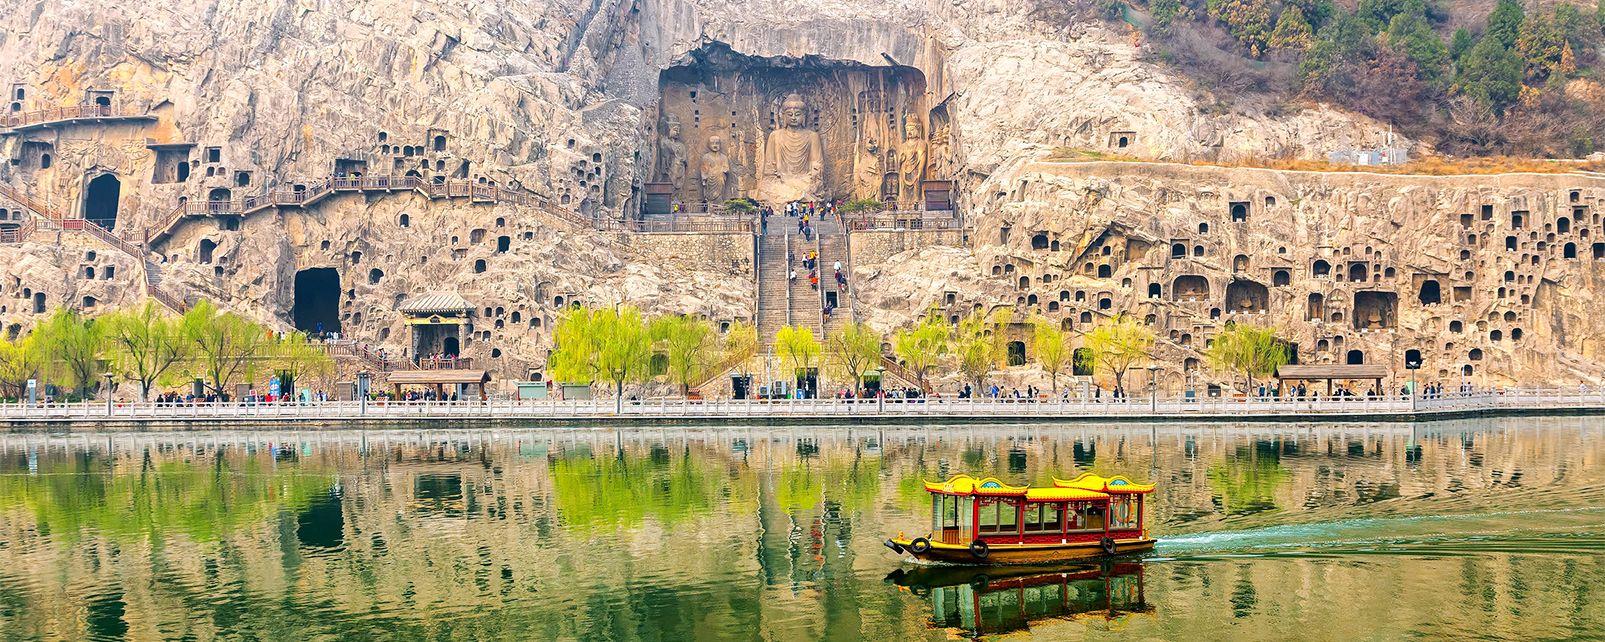 Les grottes bouddhiques de Longmen , Chine